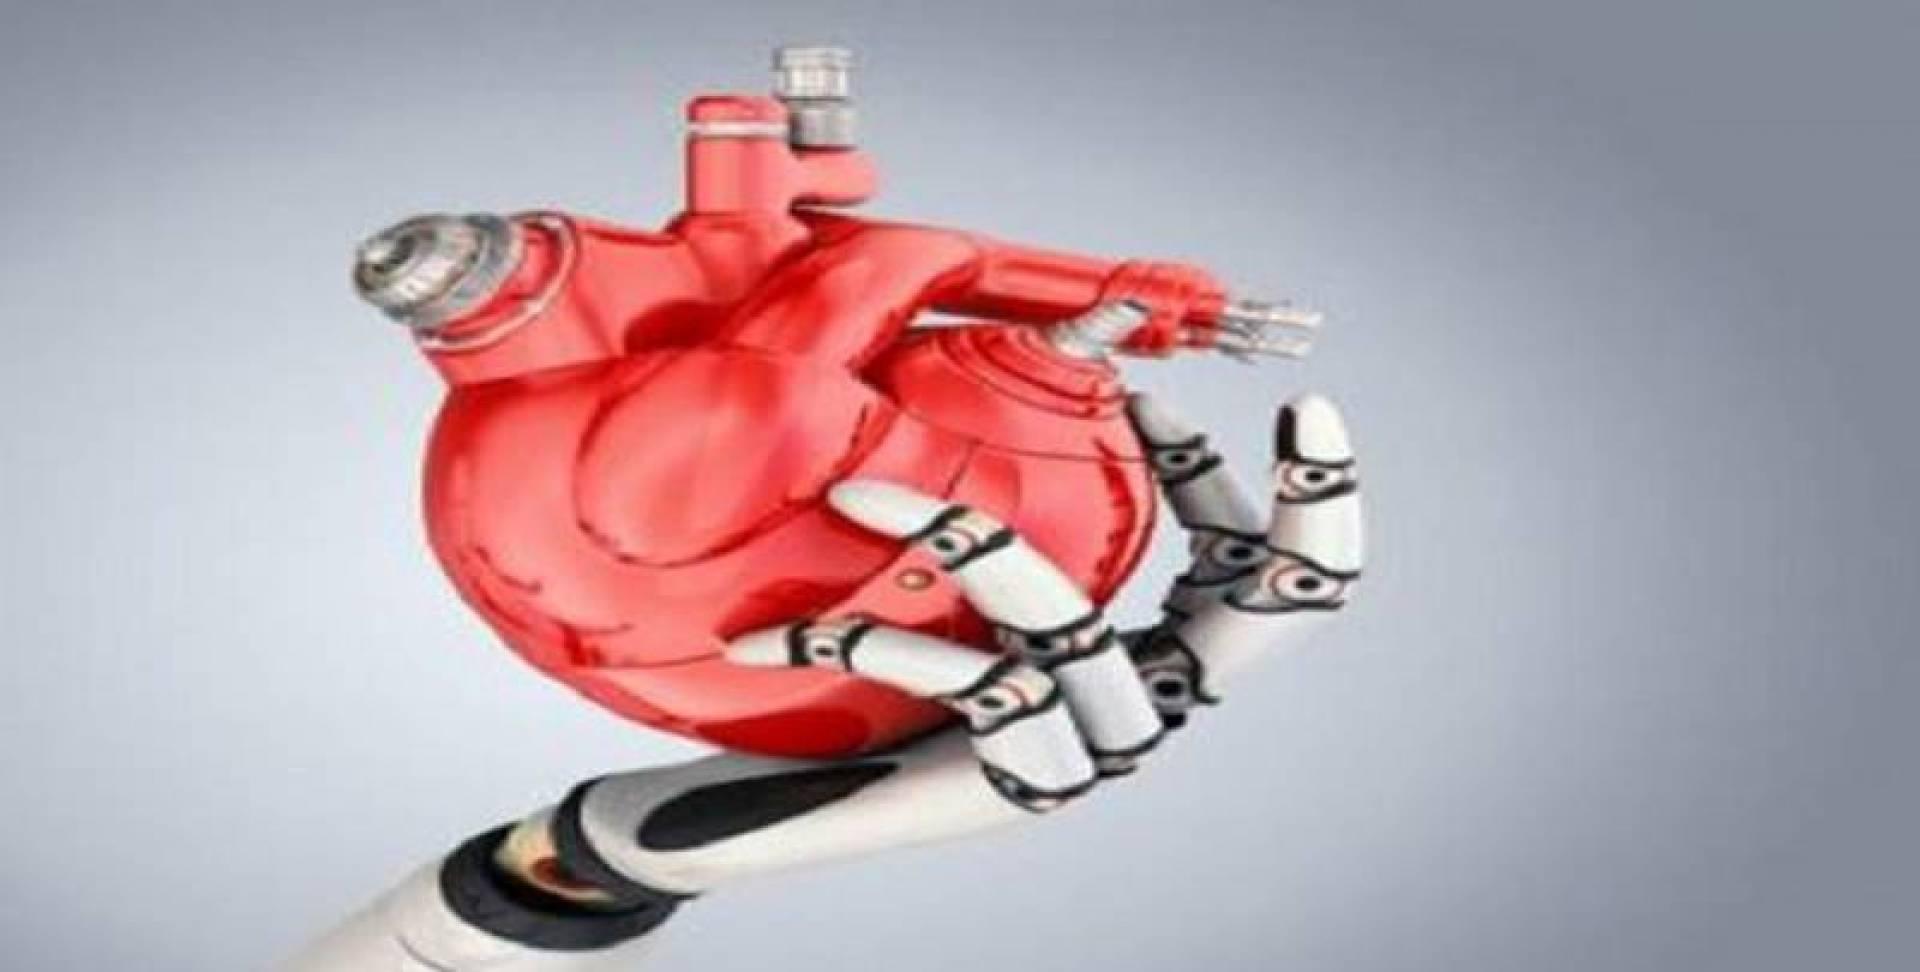 علماء يستبدلون القلب بـ«روبوت».. خلال 8 سنوات